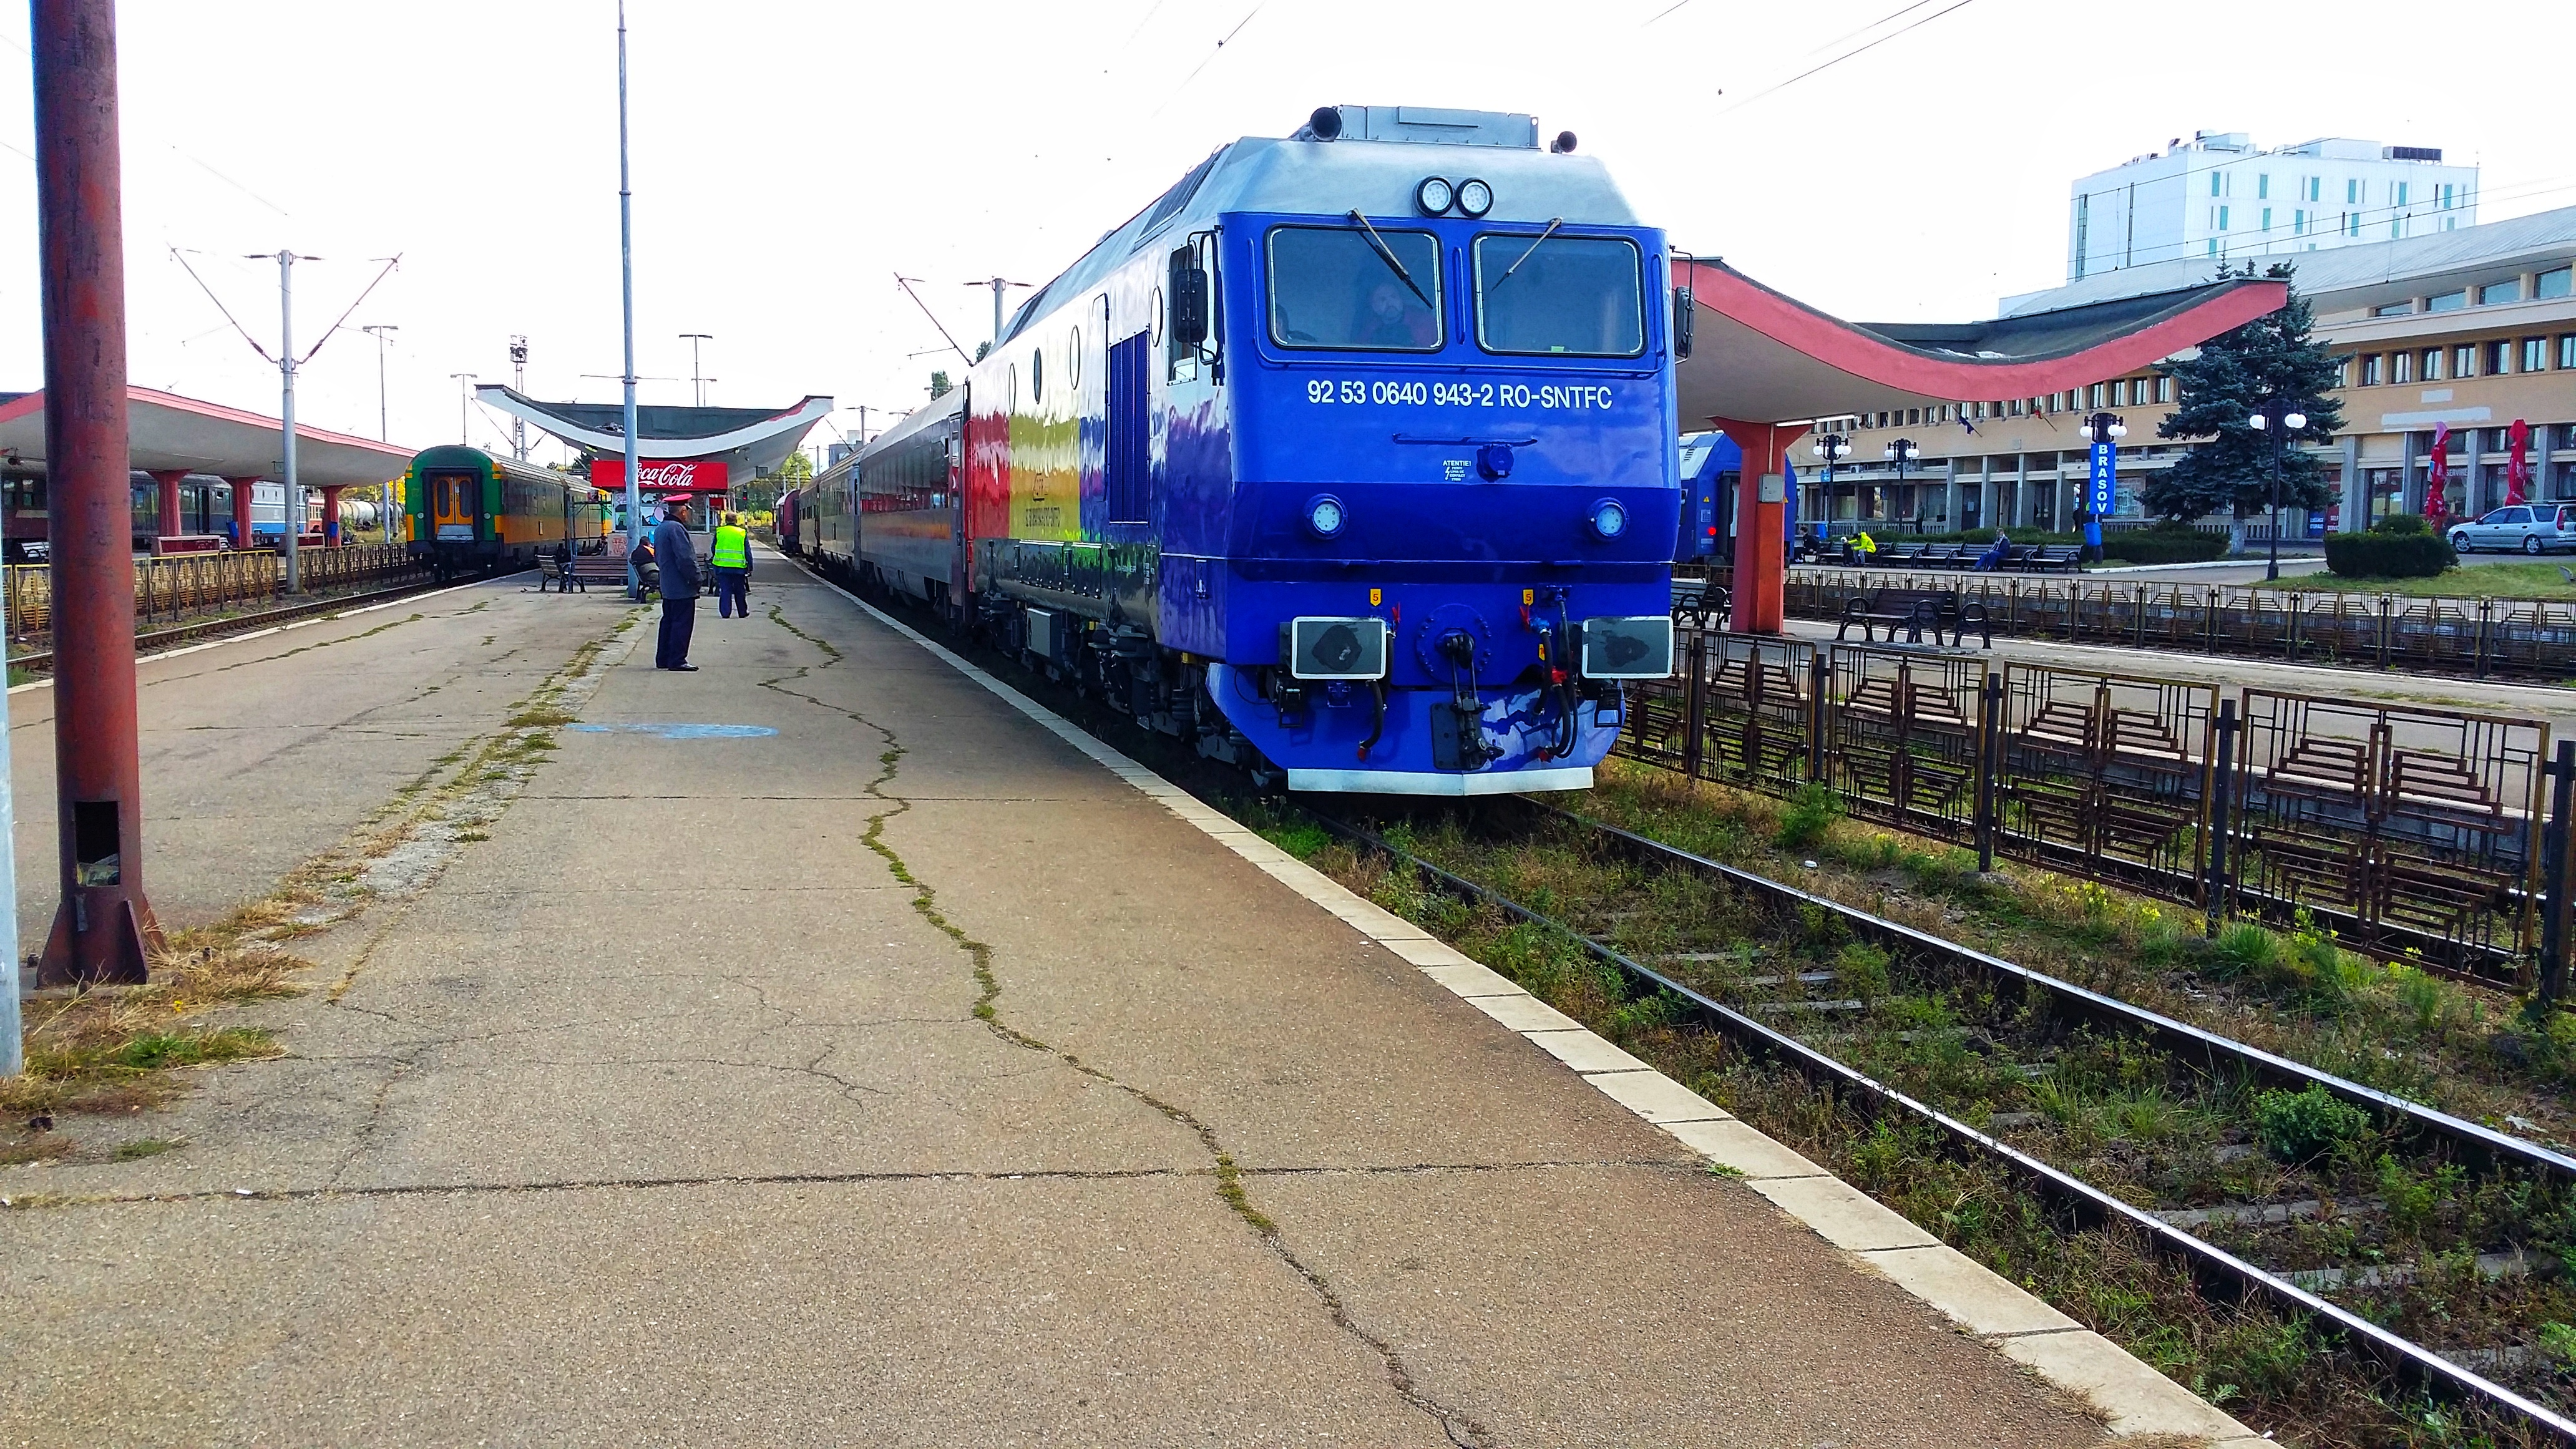 Locomotive din clasa 64 si 66 - Pagina 22 43282825600_daa8abfe0b_o